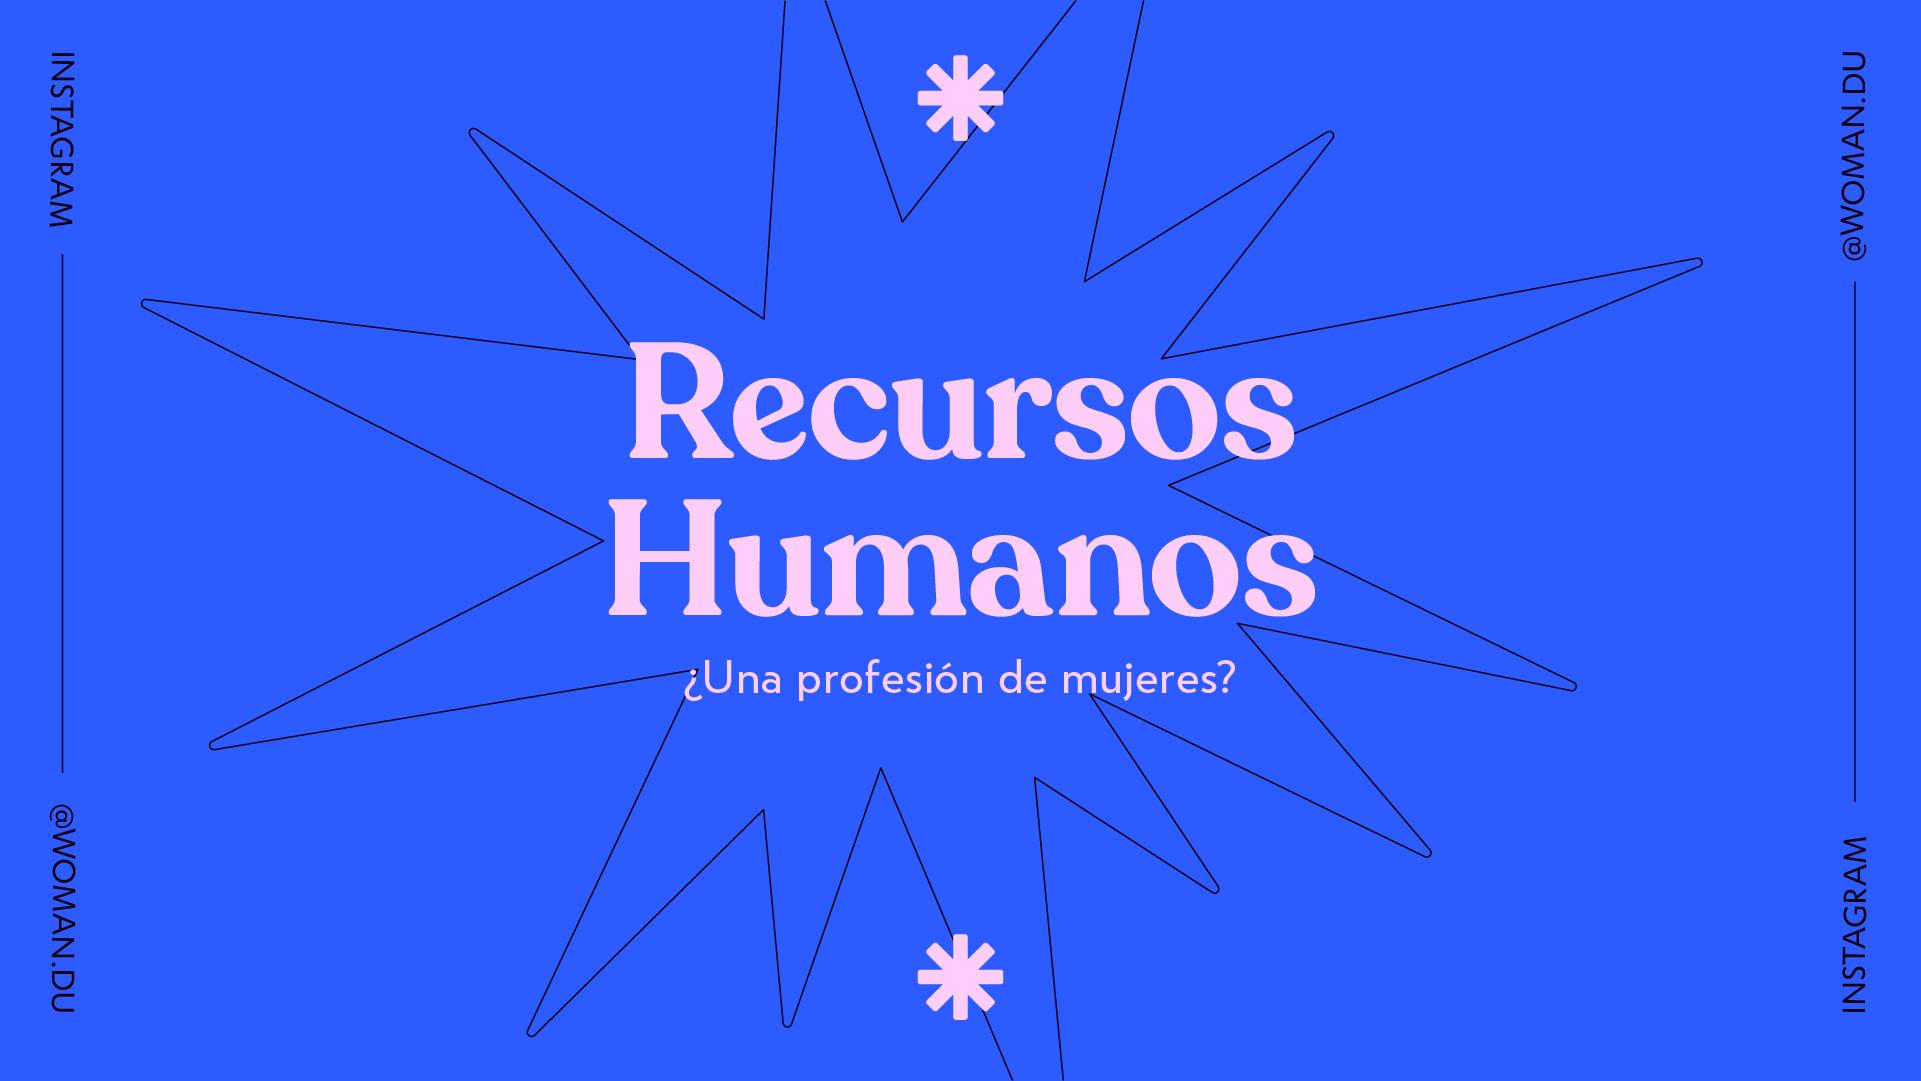 Recursos Humanos: ¿Una profesión de mujeres?